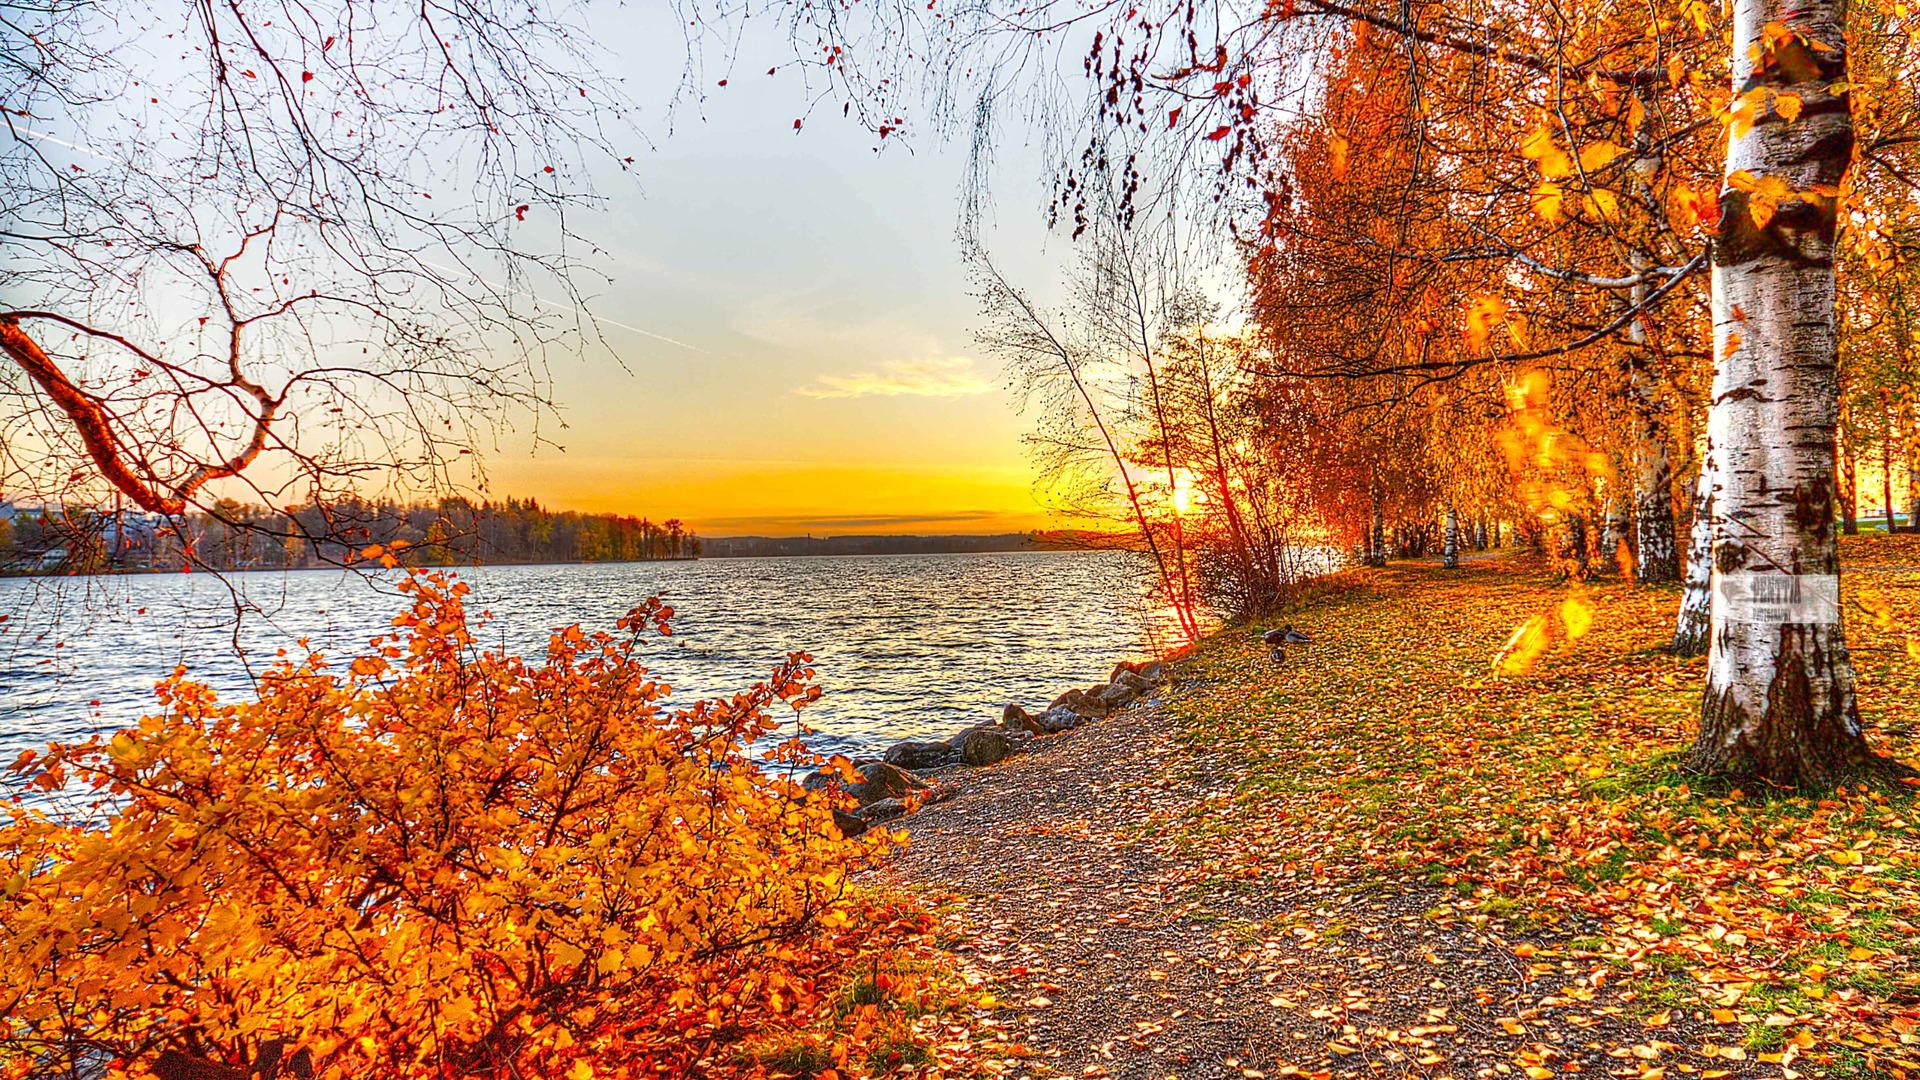 Autumn Landscape River Wallpapers Wallpaper Cave